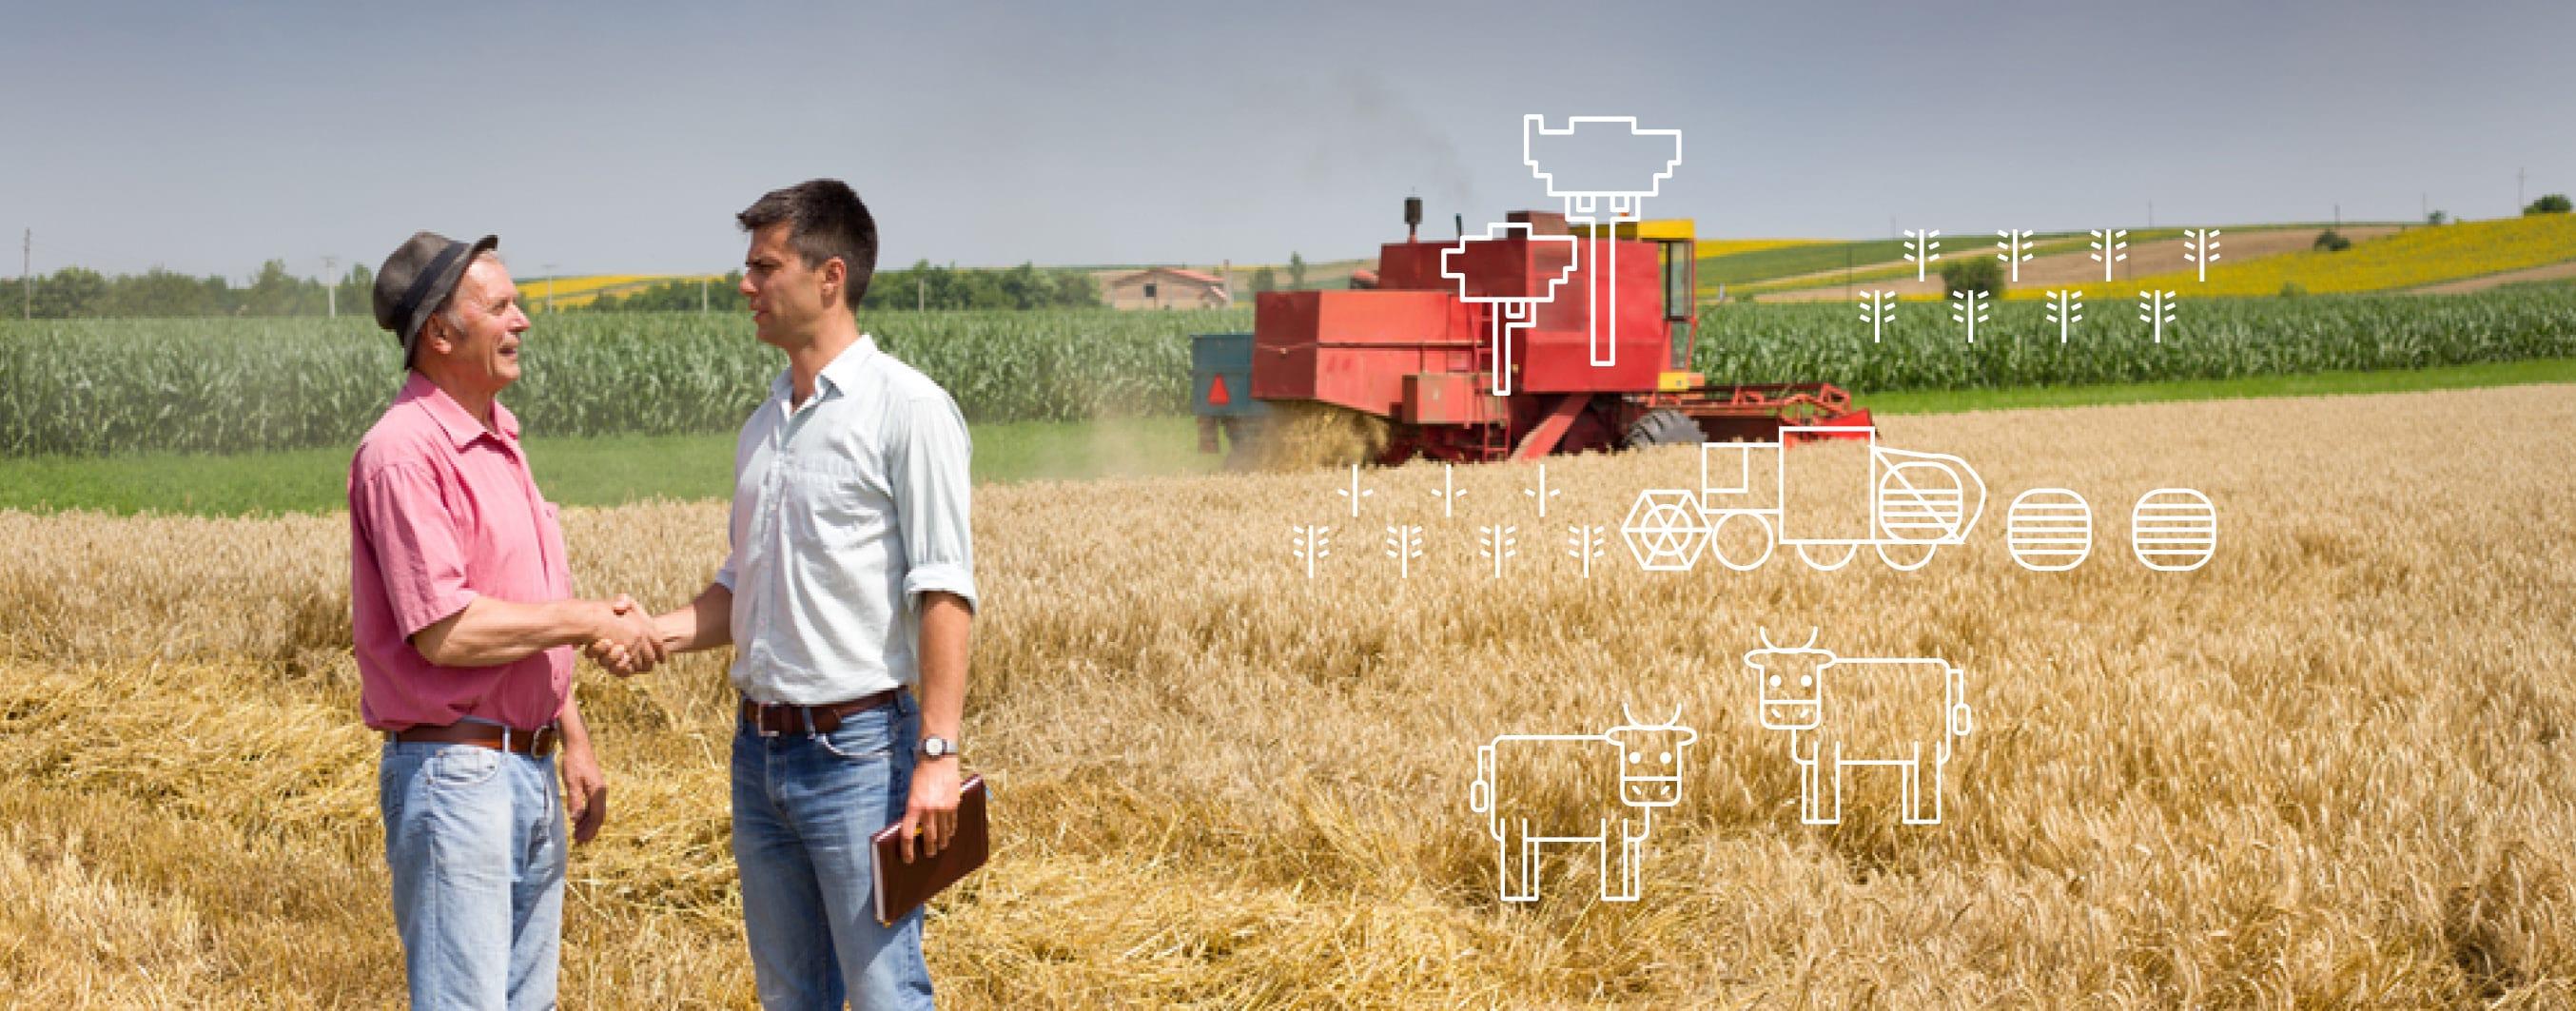 1709_the_farming_team_banner_v2.jpg